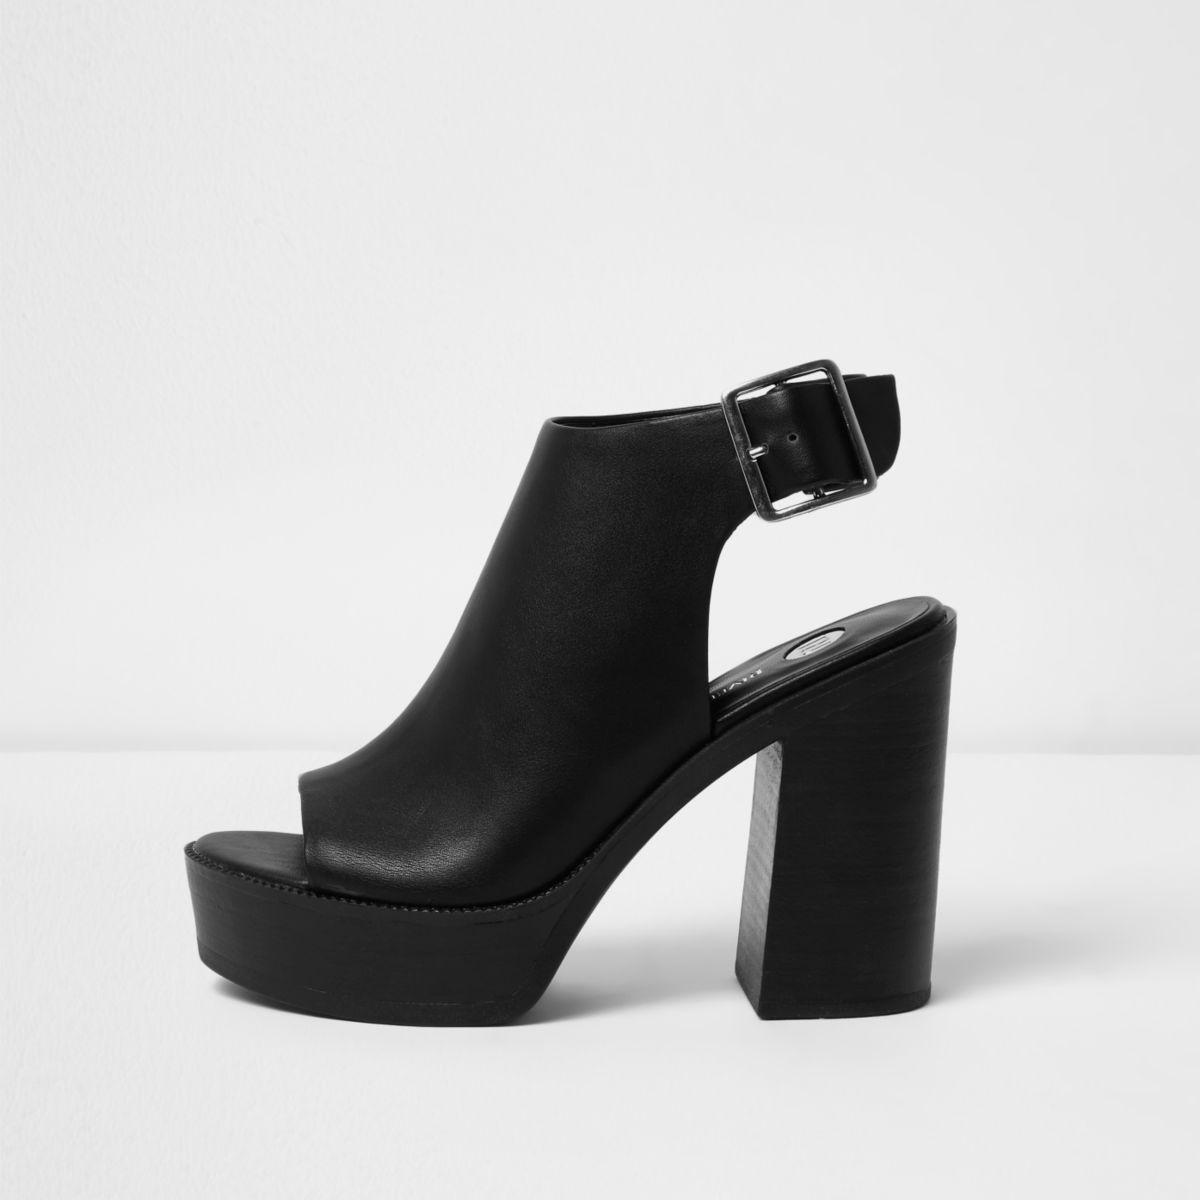 8c88d46e953f Black peep toe platform heel sandal - Sandals - Shoes   Boots - women